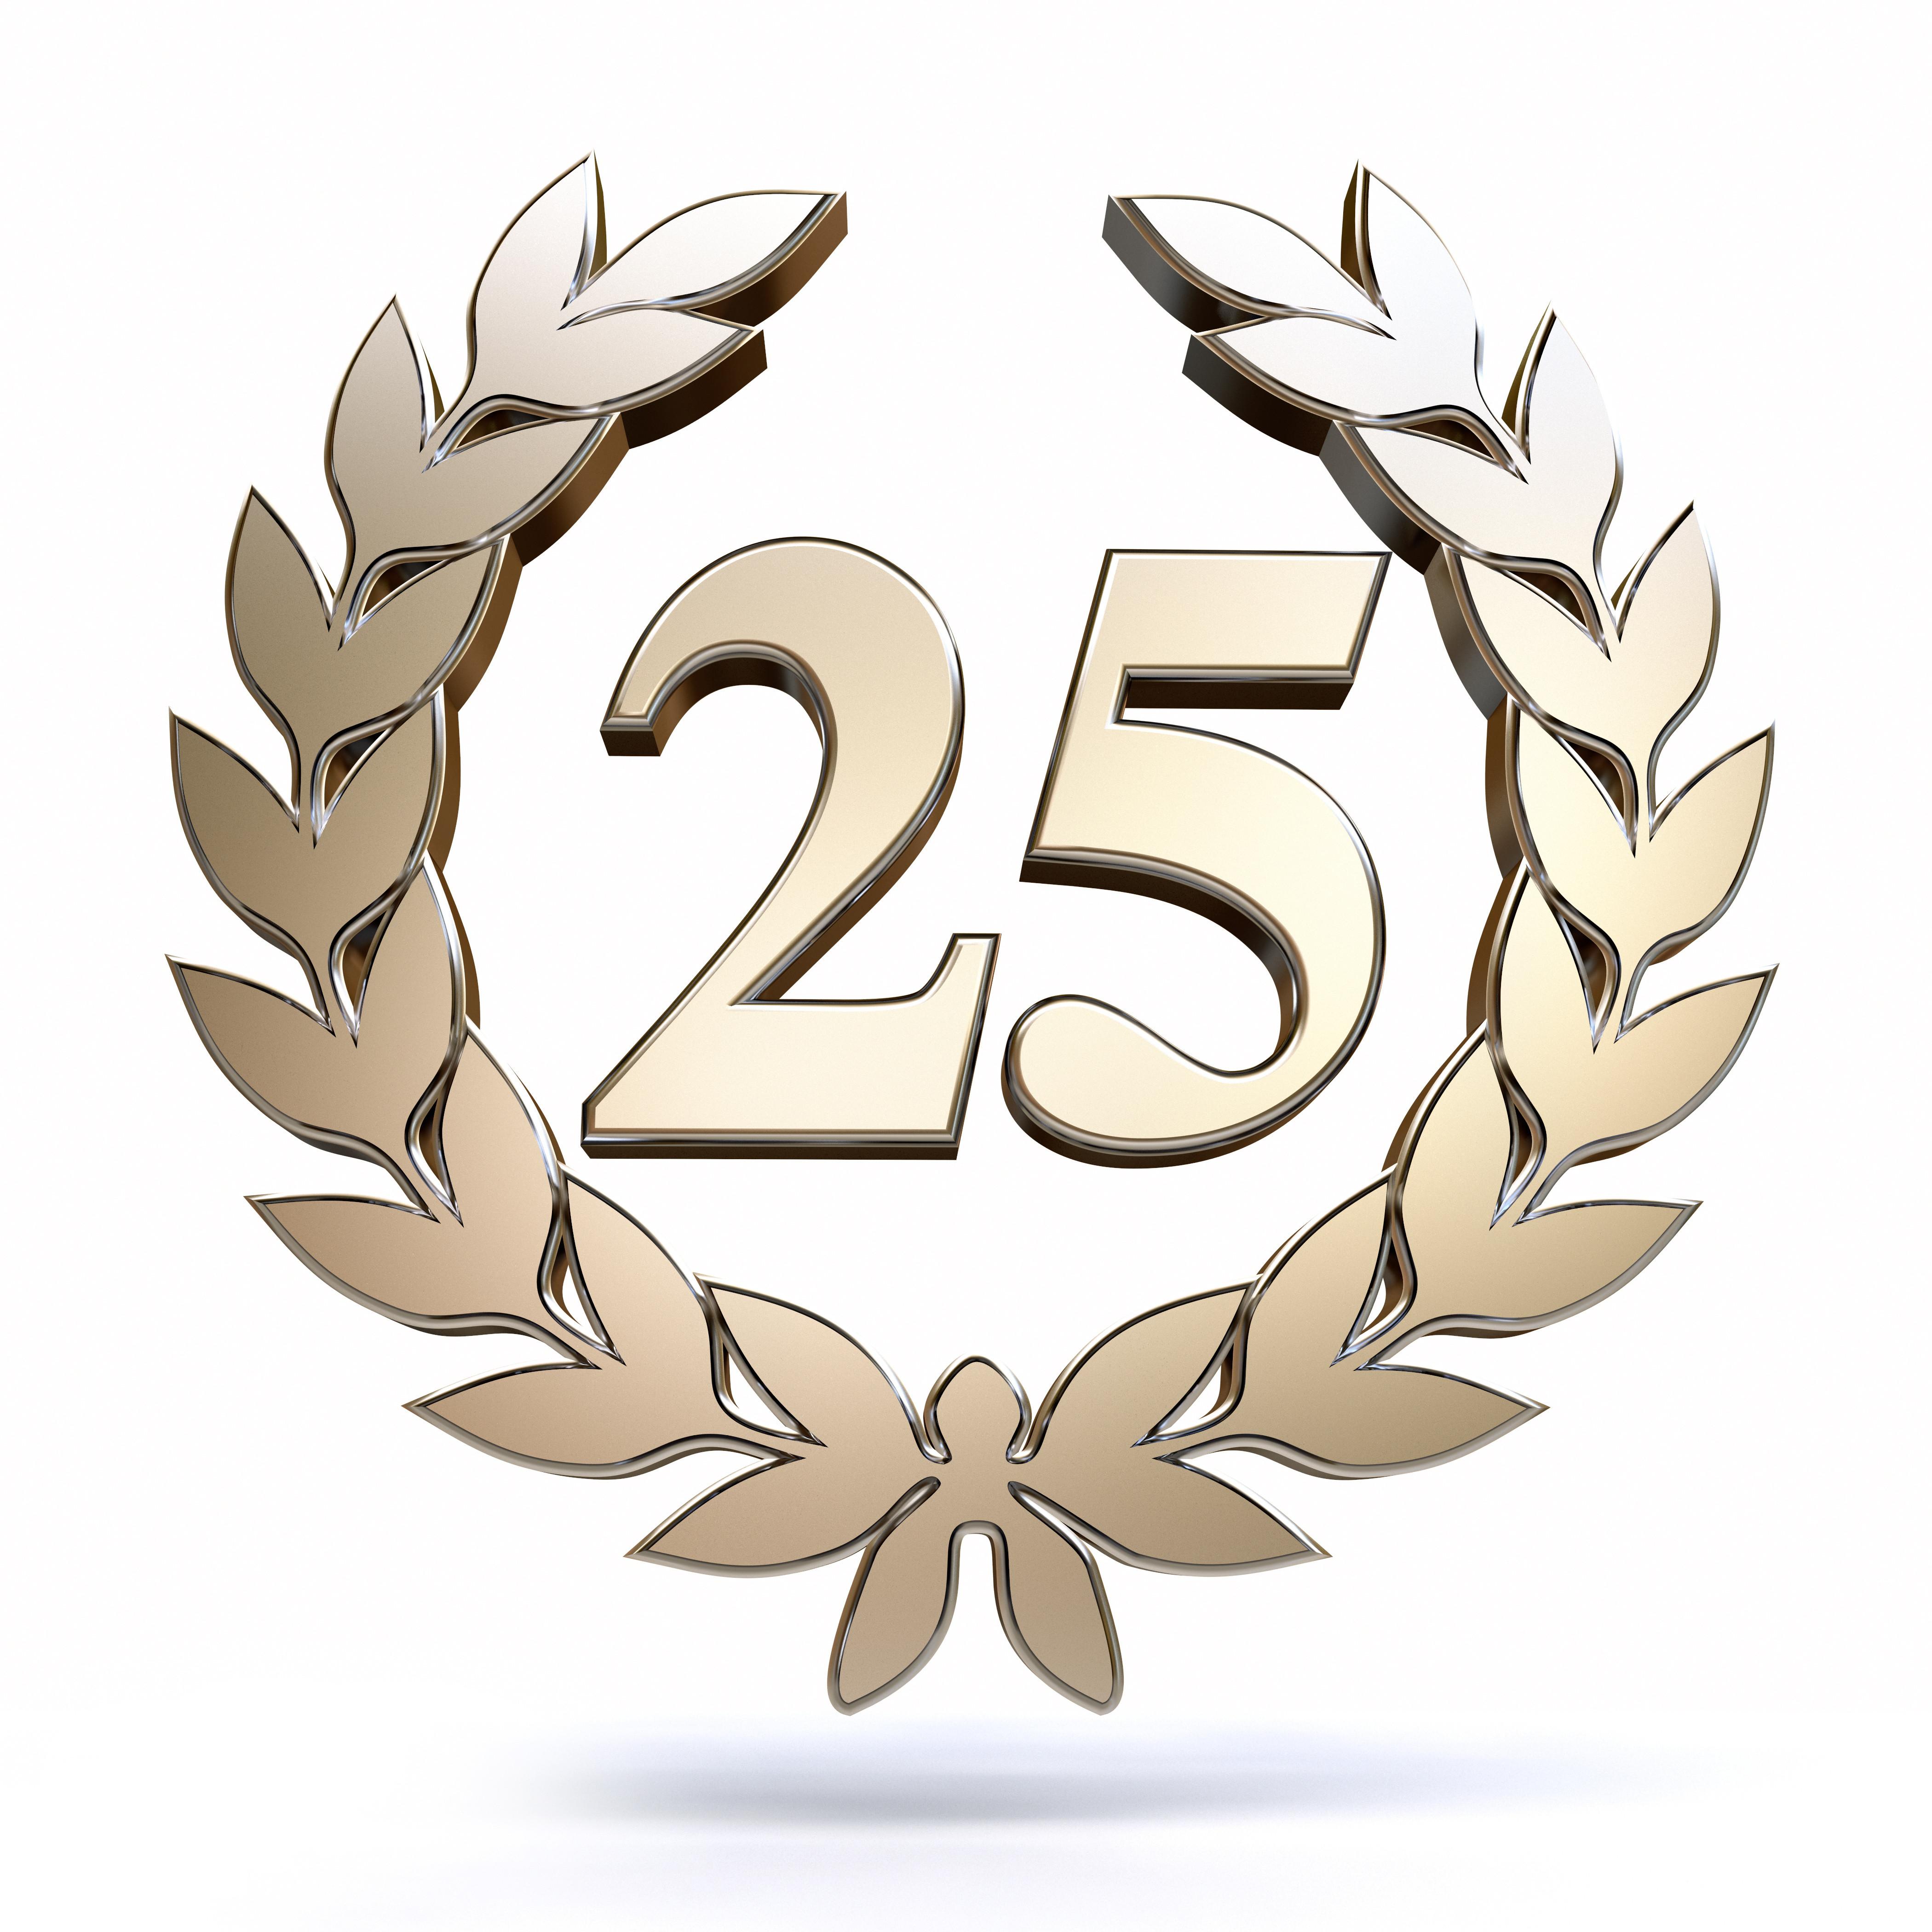 25 Jähriges Firmenjubiläum Geschenke  MorphoSys AG feiert 25 jähriges Firmenjubiläum